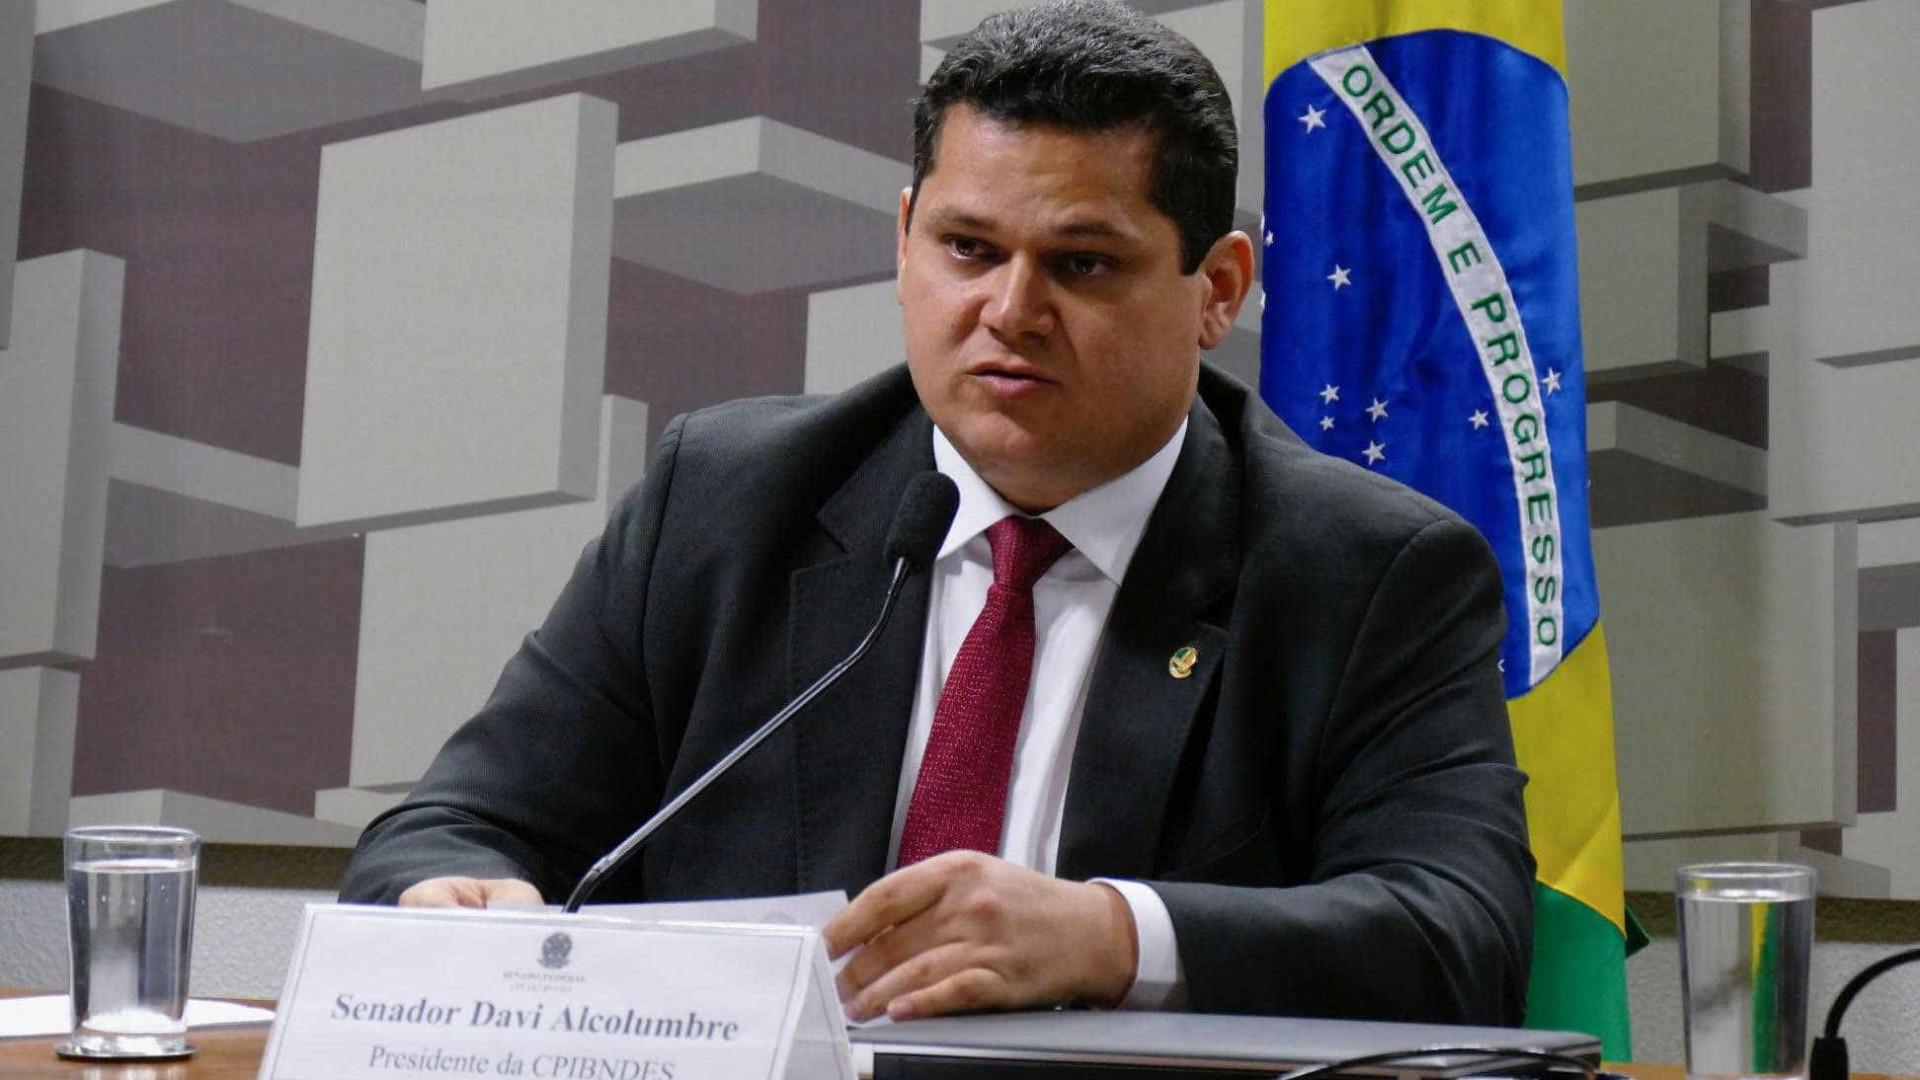 Senadores já falam em impeachment de Toffoli e Moraes